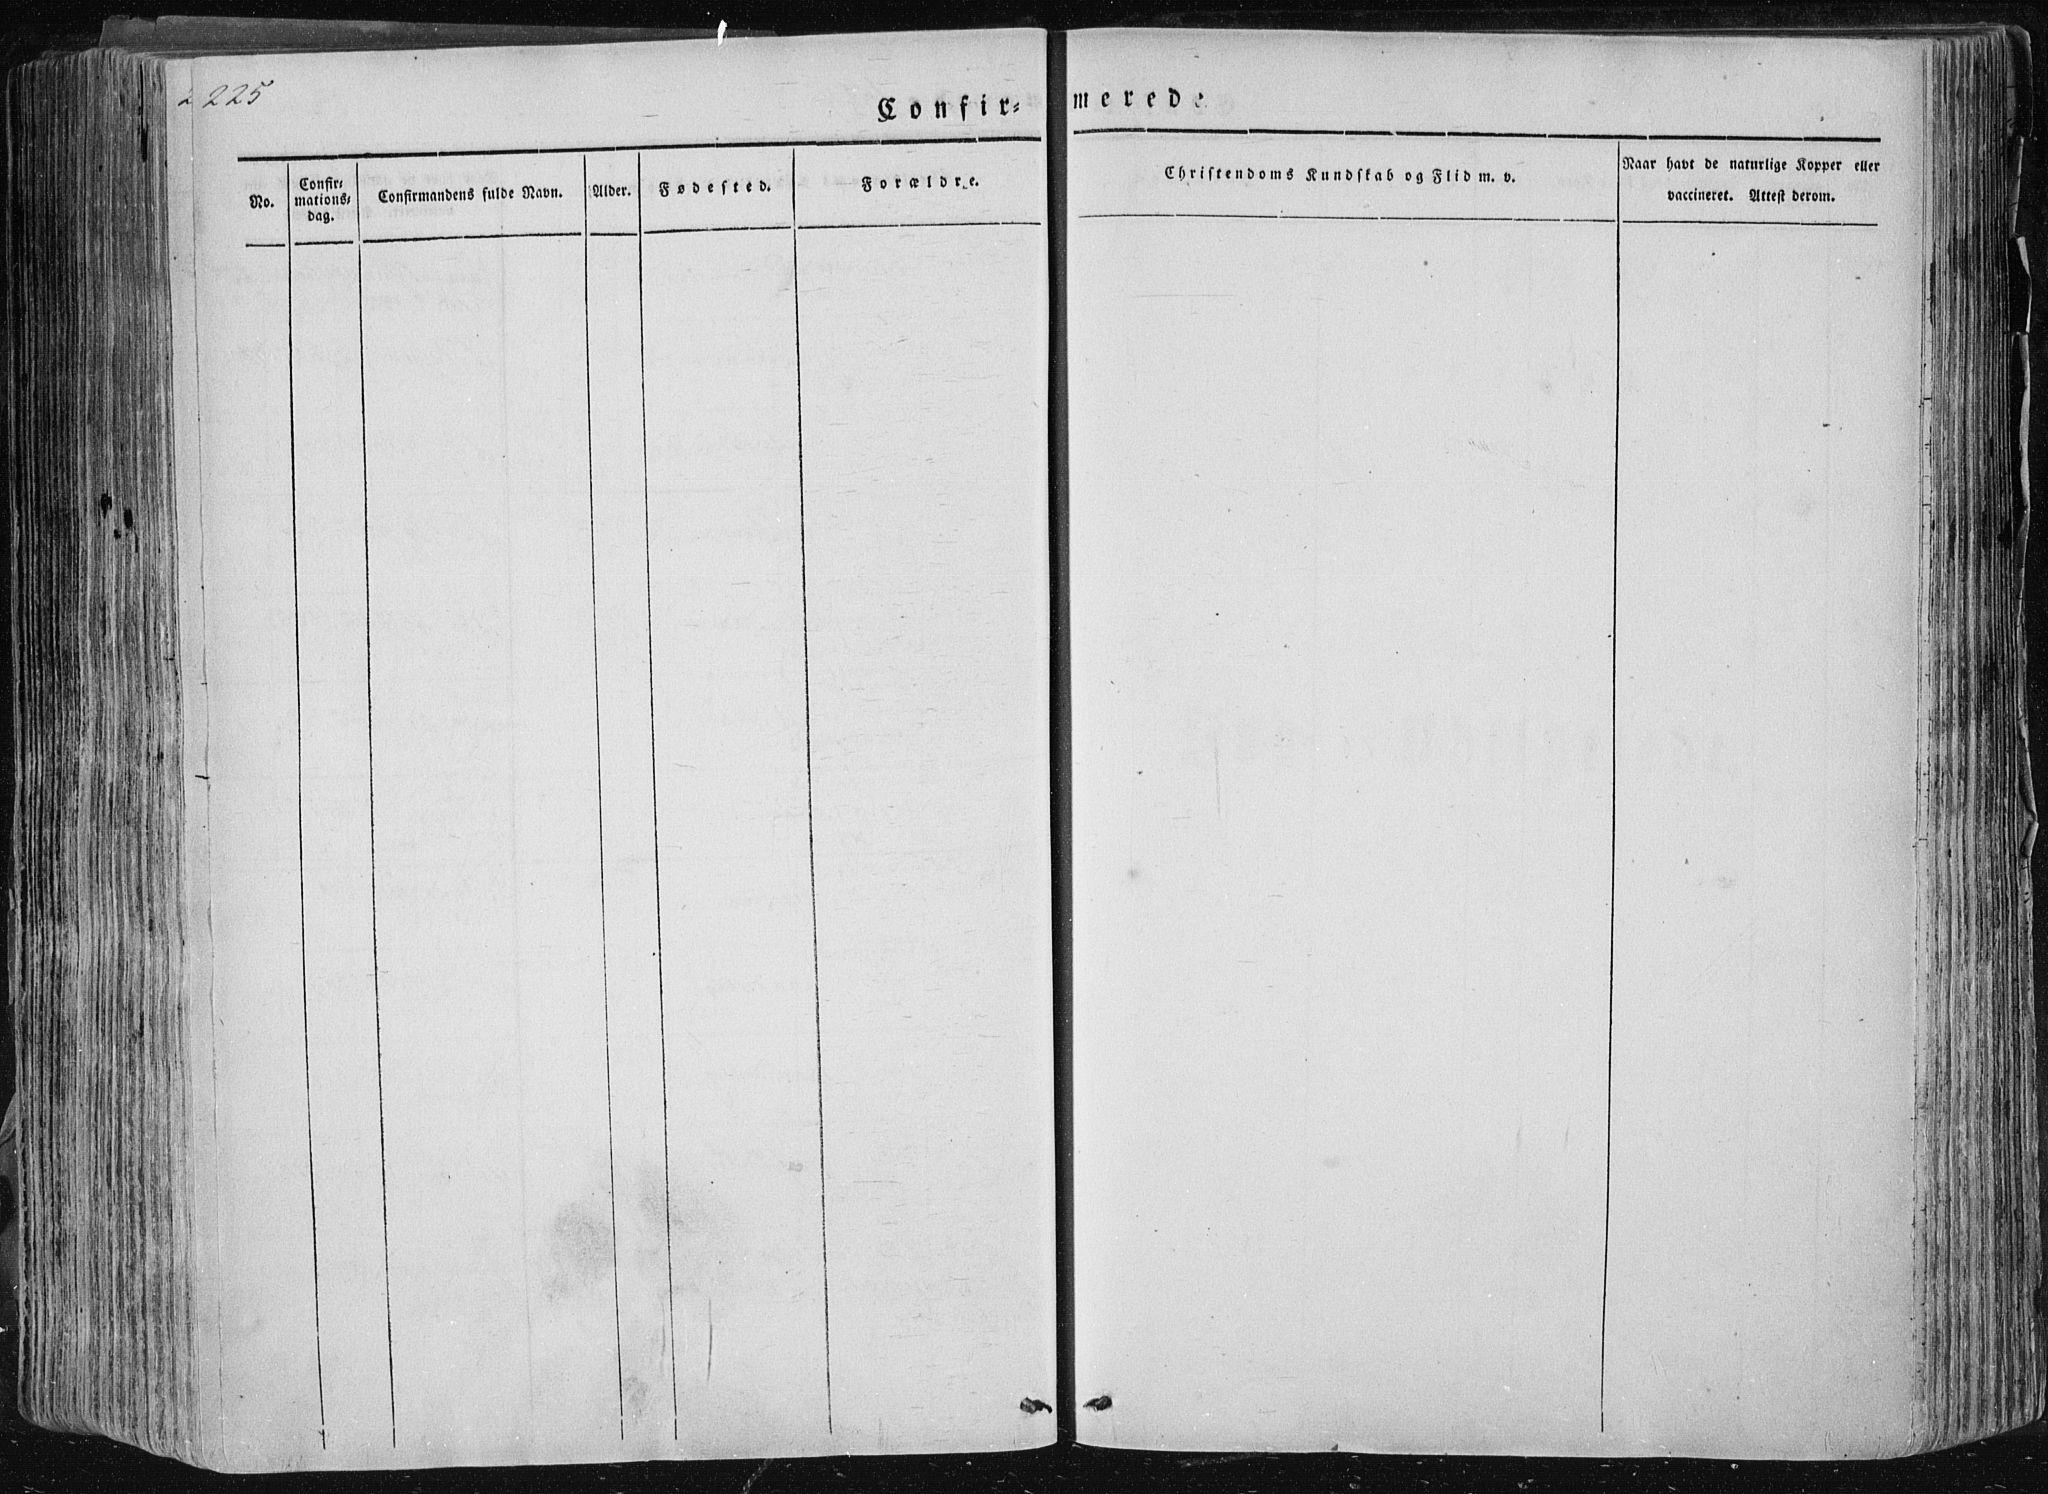 SAKO, Sannidal kirkebøker, F/Fa/L0007: Ministerialbok nr. 7, 1831-1854, s. 225